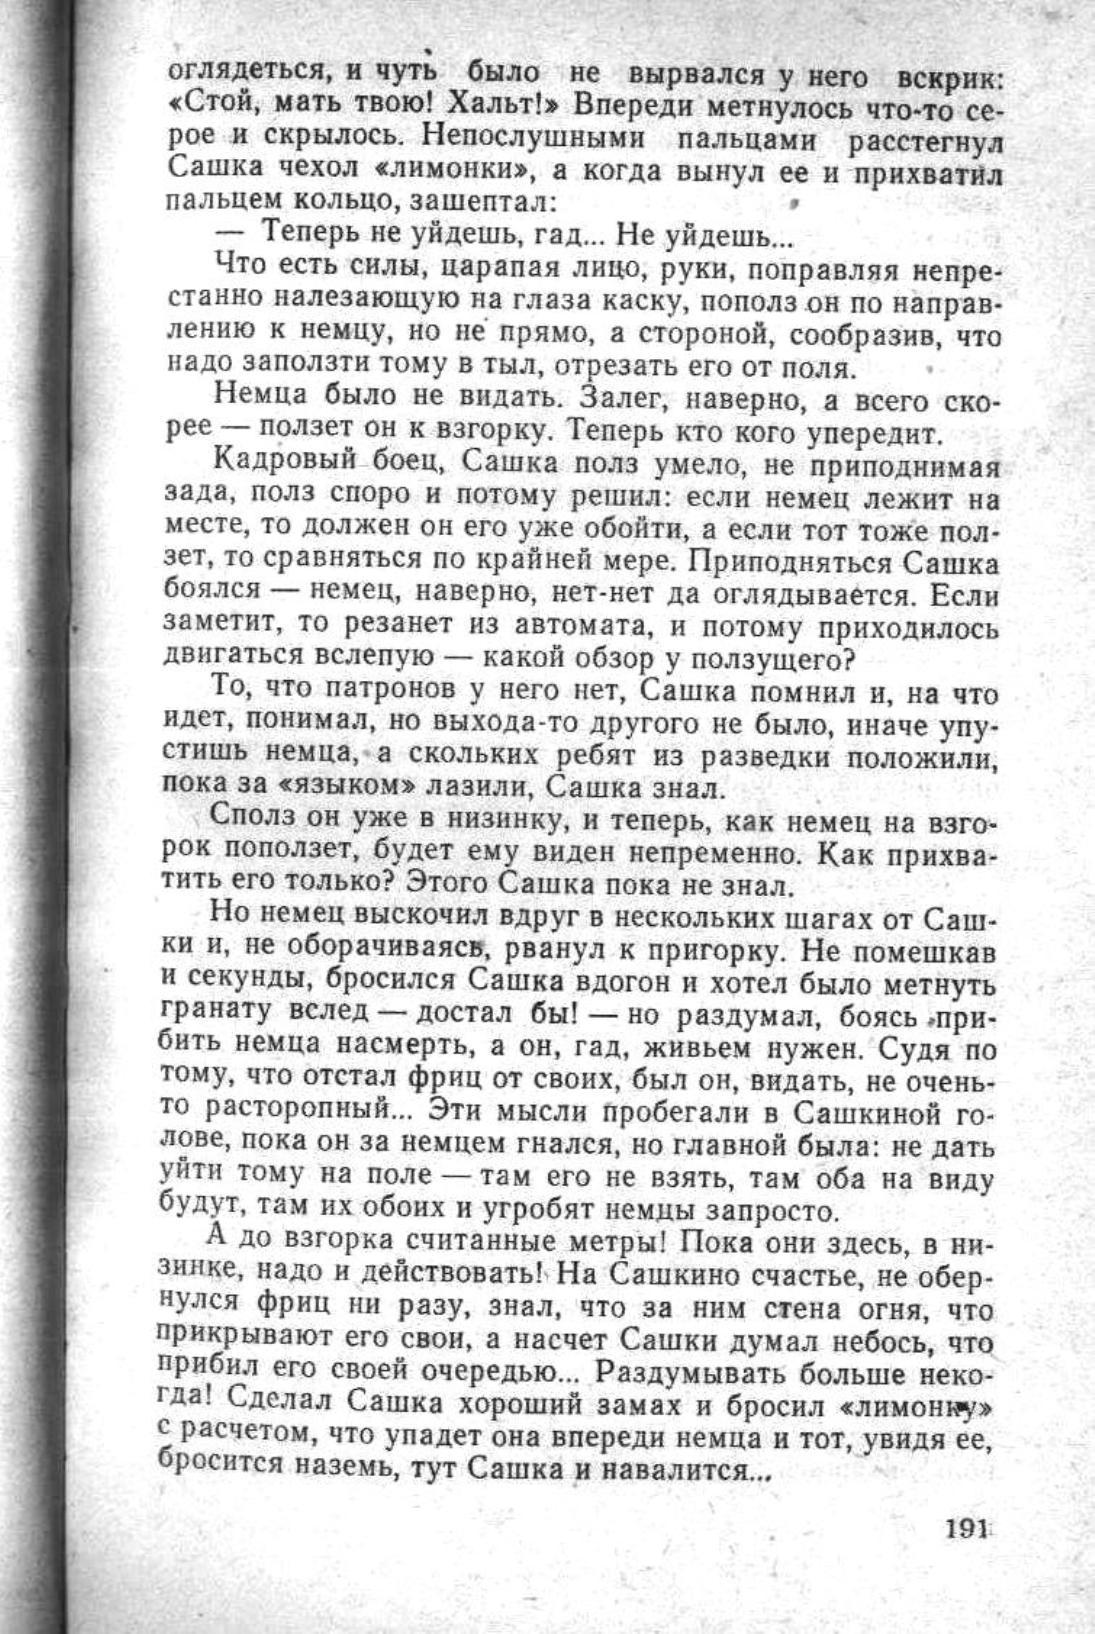 Сашка. Повесть. Вячеслав Кондратьев 010